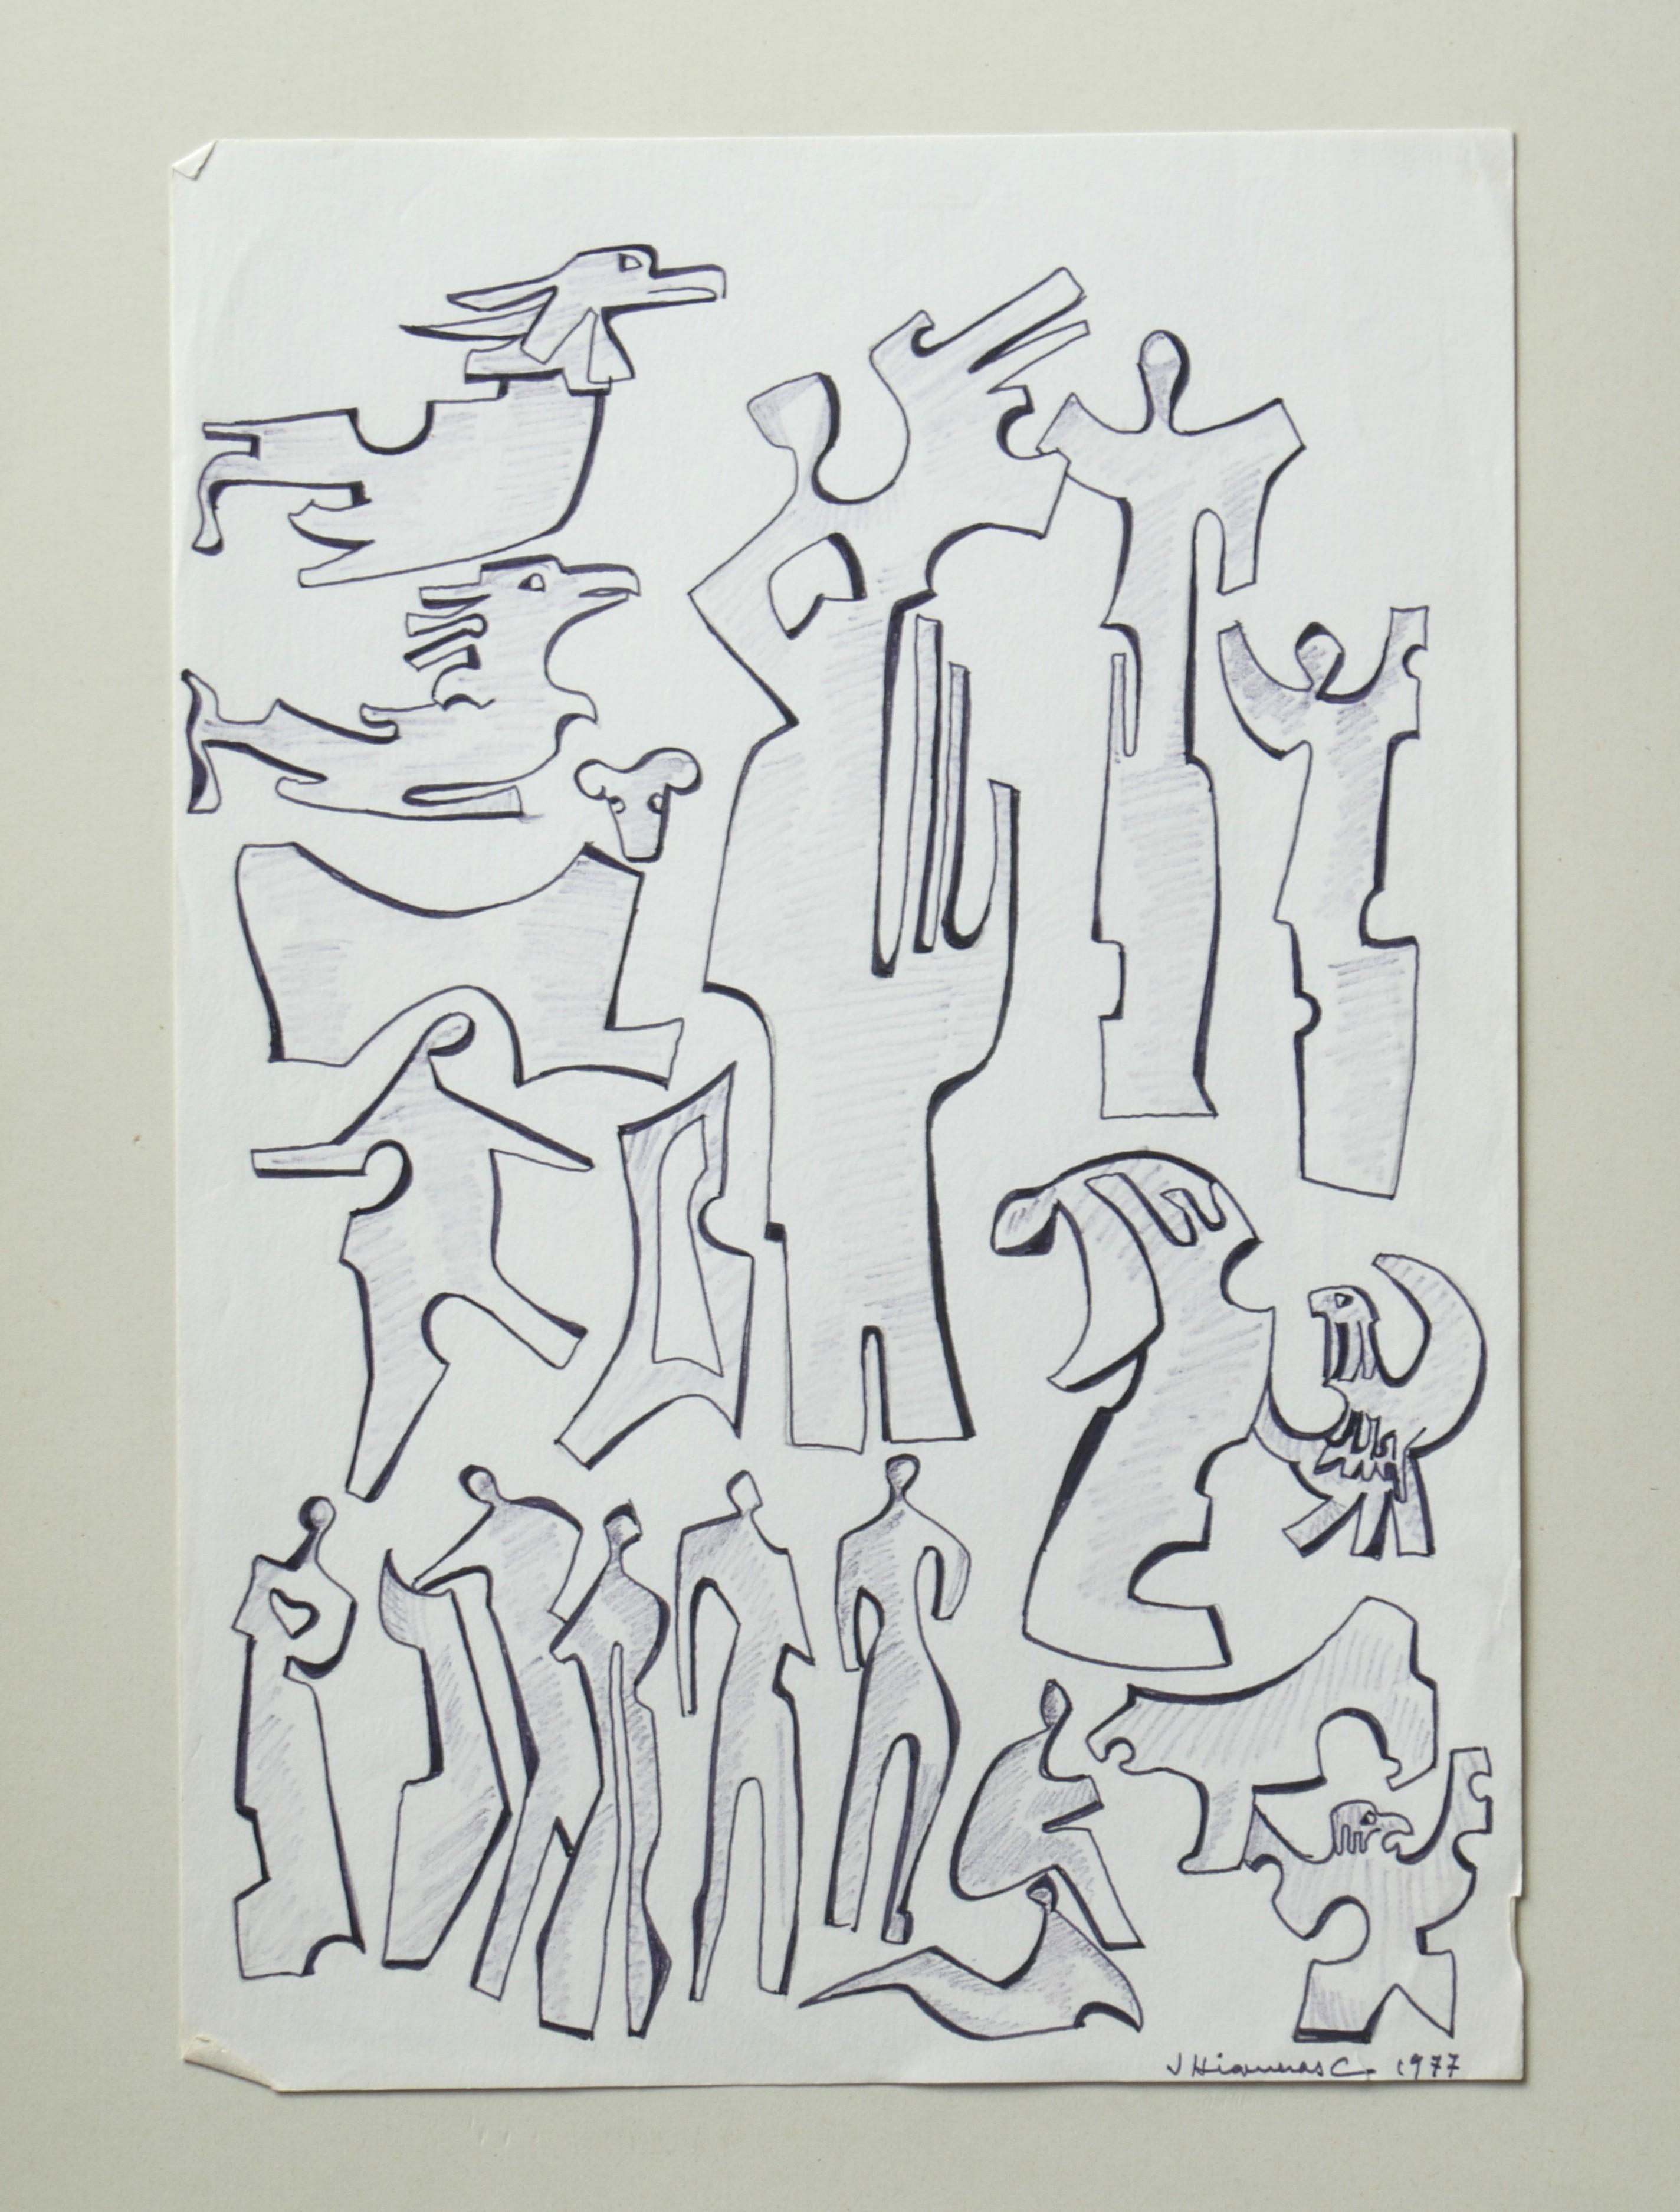 1977.3. Figuras con aves rapaces. 32x22 cm. Rotulador negro, con sombreado a lápiz.